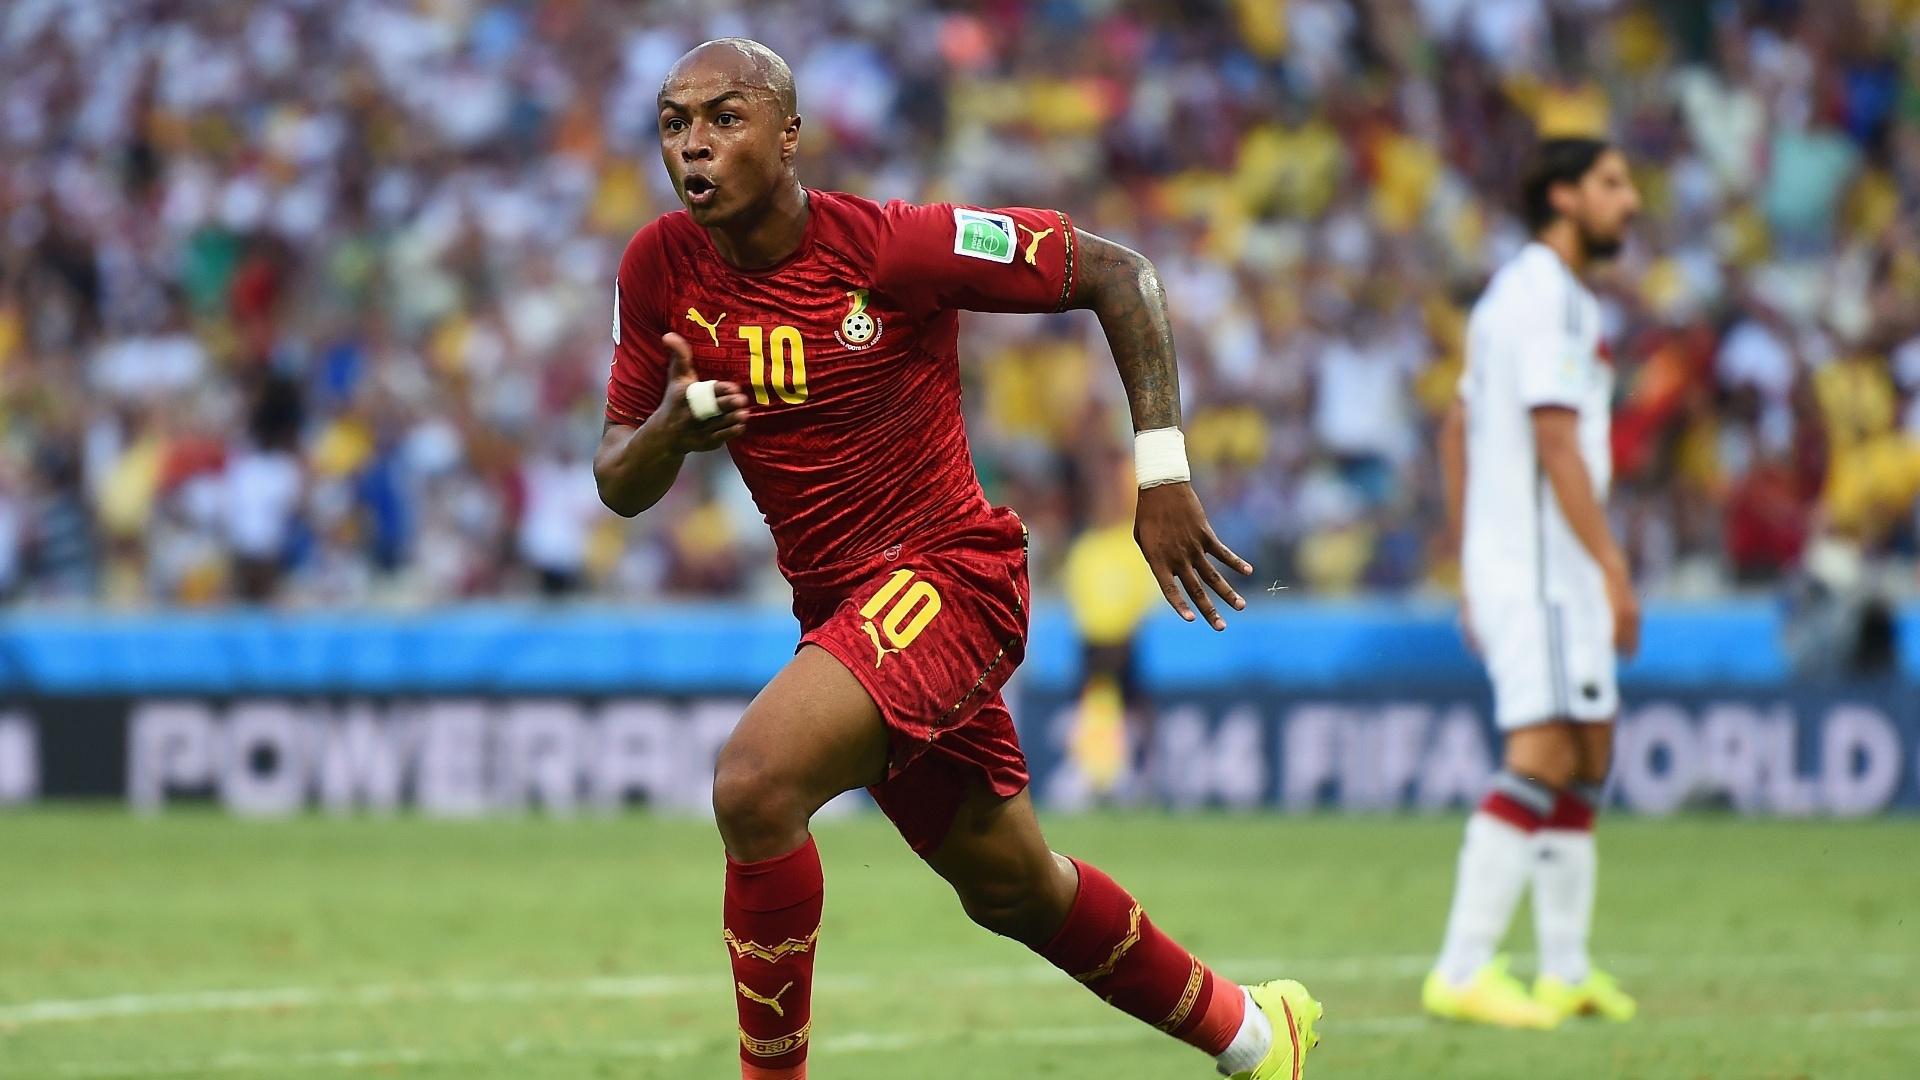 http://imguol.com/c/esporte/2014/06/21/ganes-andre-ayew-comemora-o-primeiro-gol-de-gana-contra-a-alemanha-o-jogo-terminou-empatado-por-0-a-0-1403384138218_1920x1080.jpg